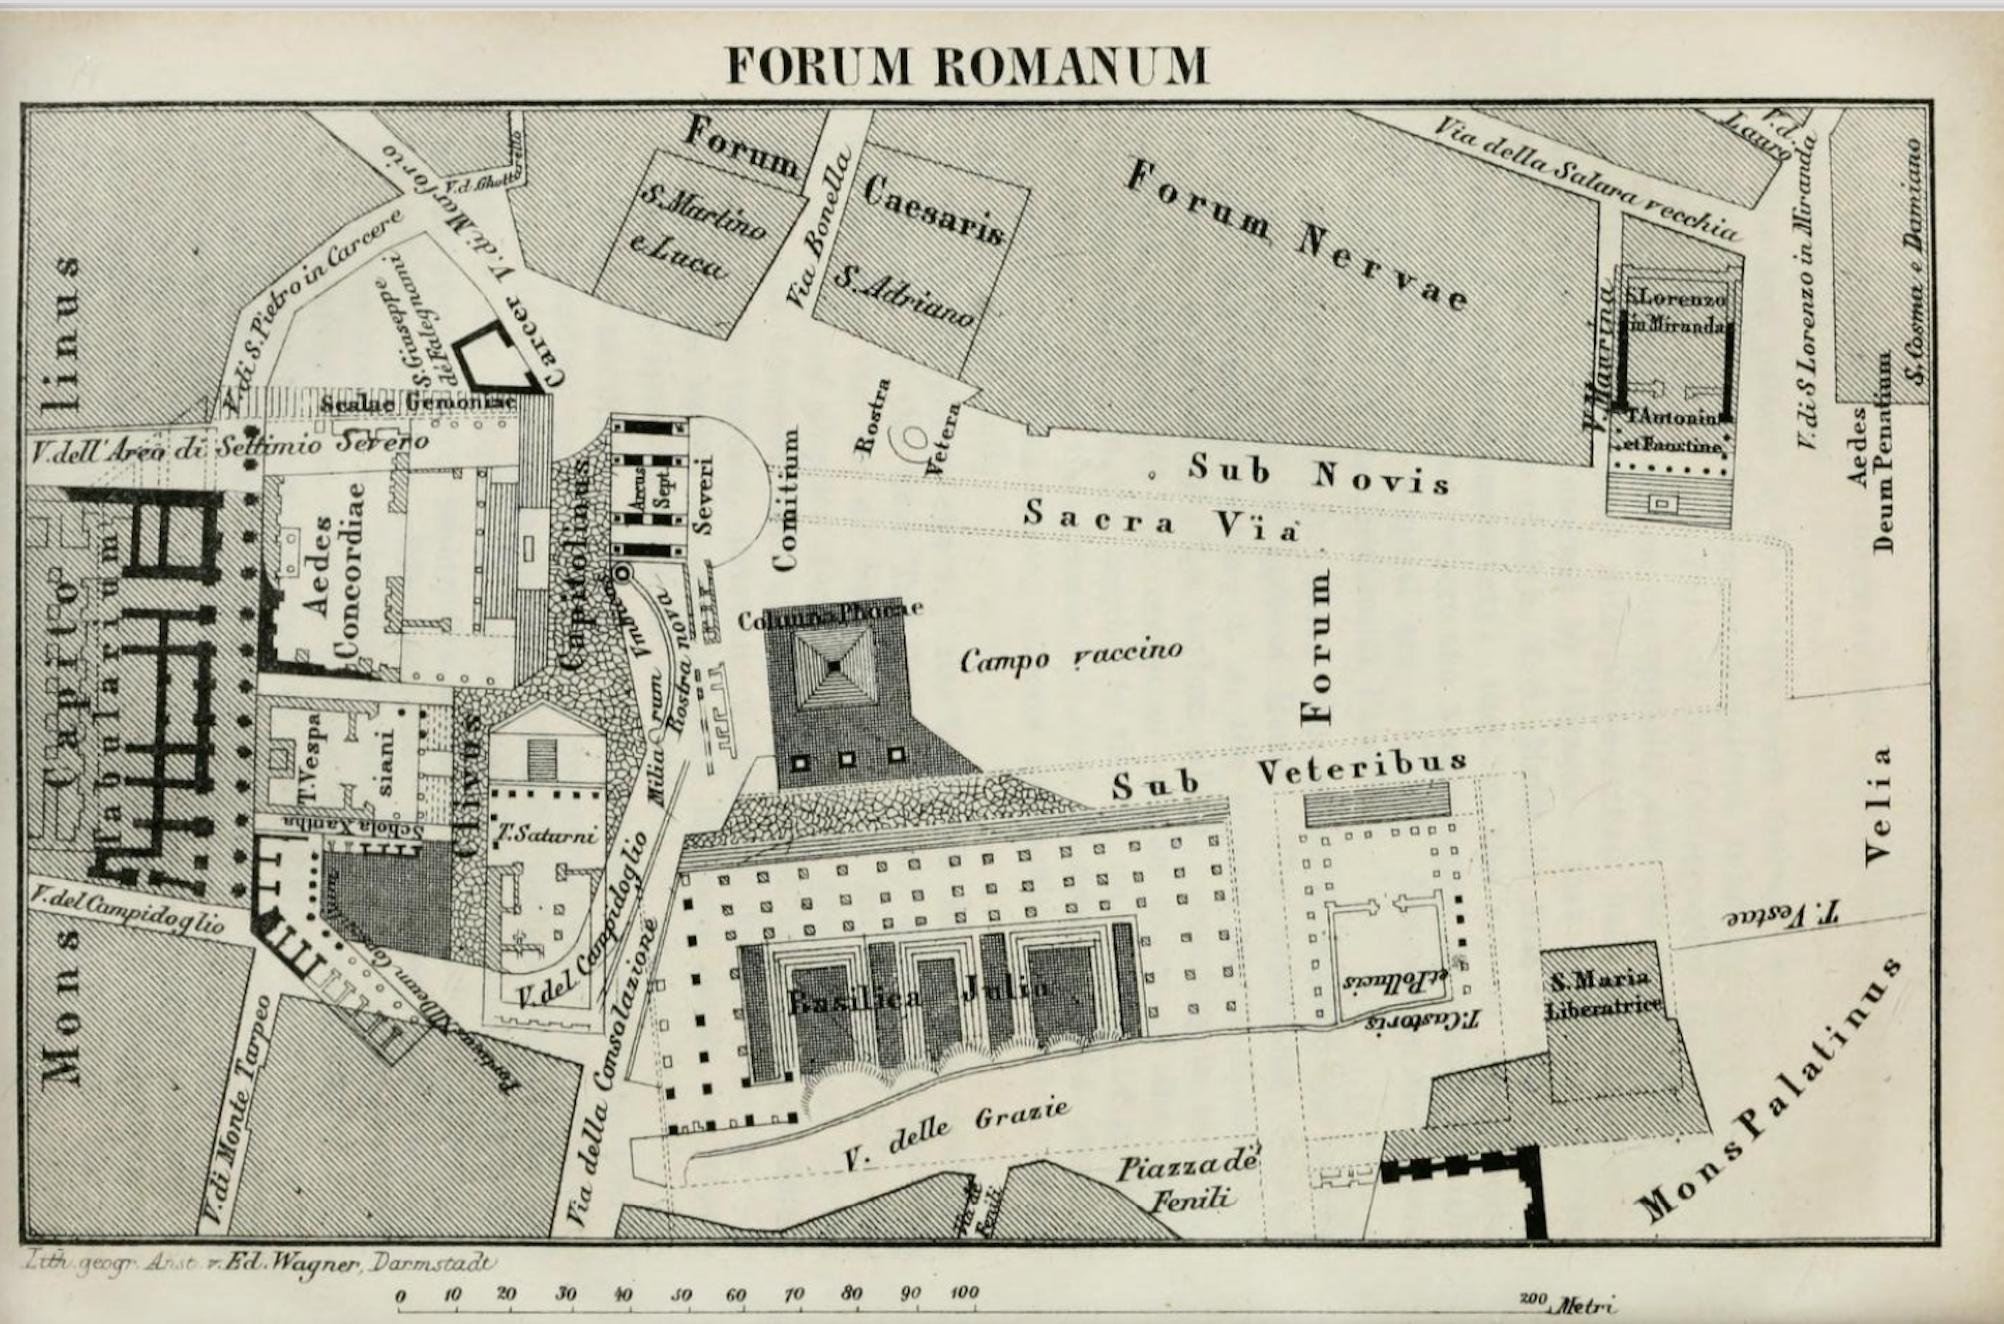 Forum Romanum Baedecker 1868